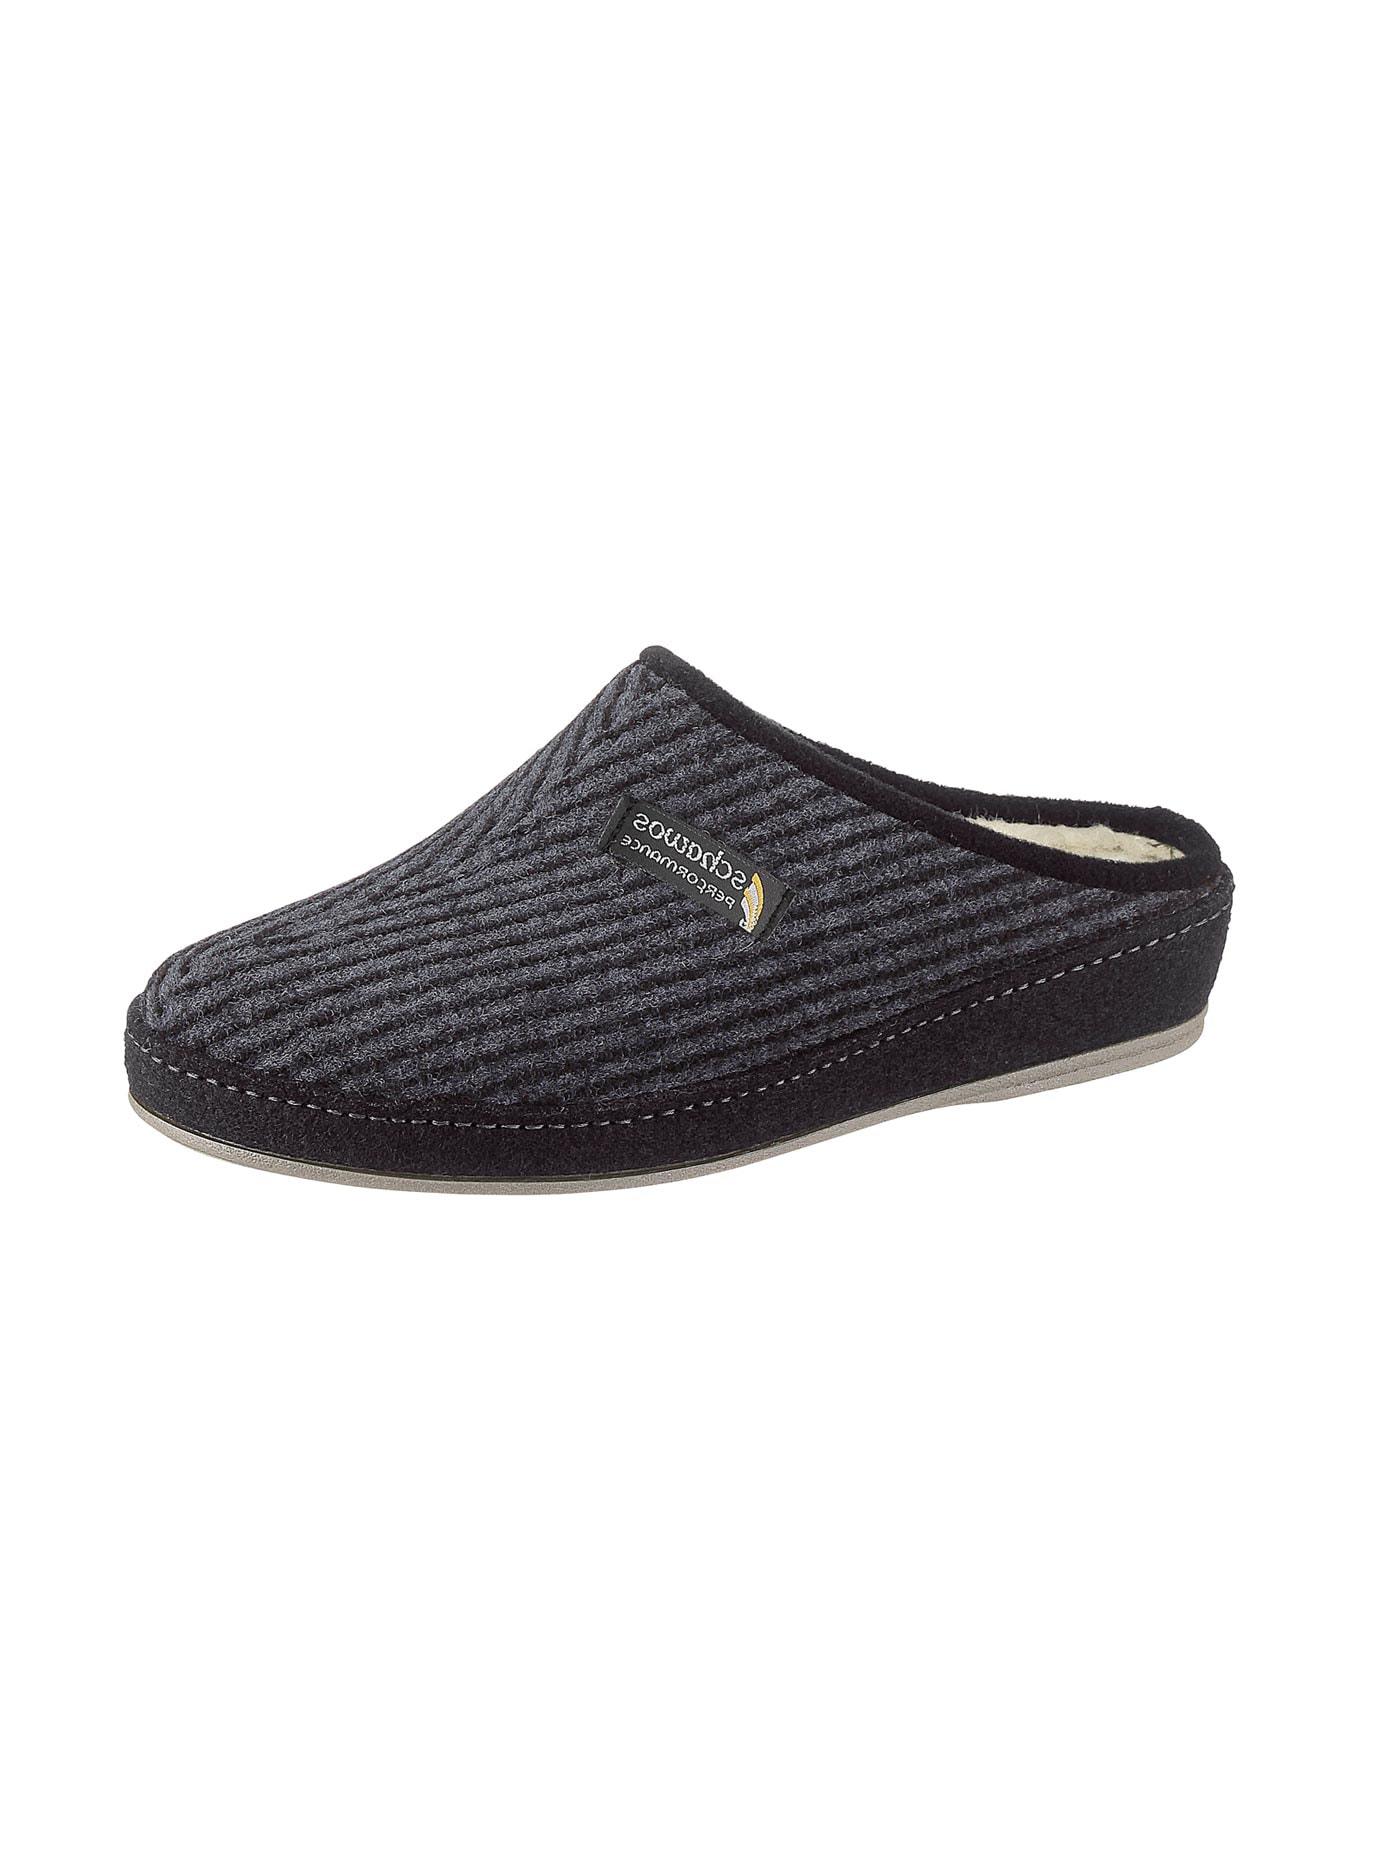 Schawos Pantoffel mit patentierter Filzschalensohle   Schuhe > Hausschuhe > Pantoffeln   Schawos